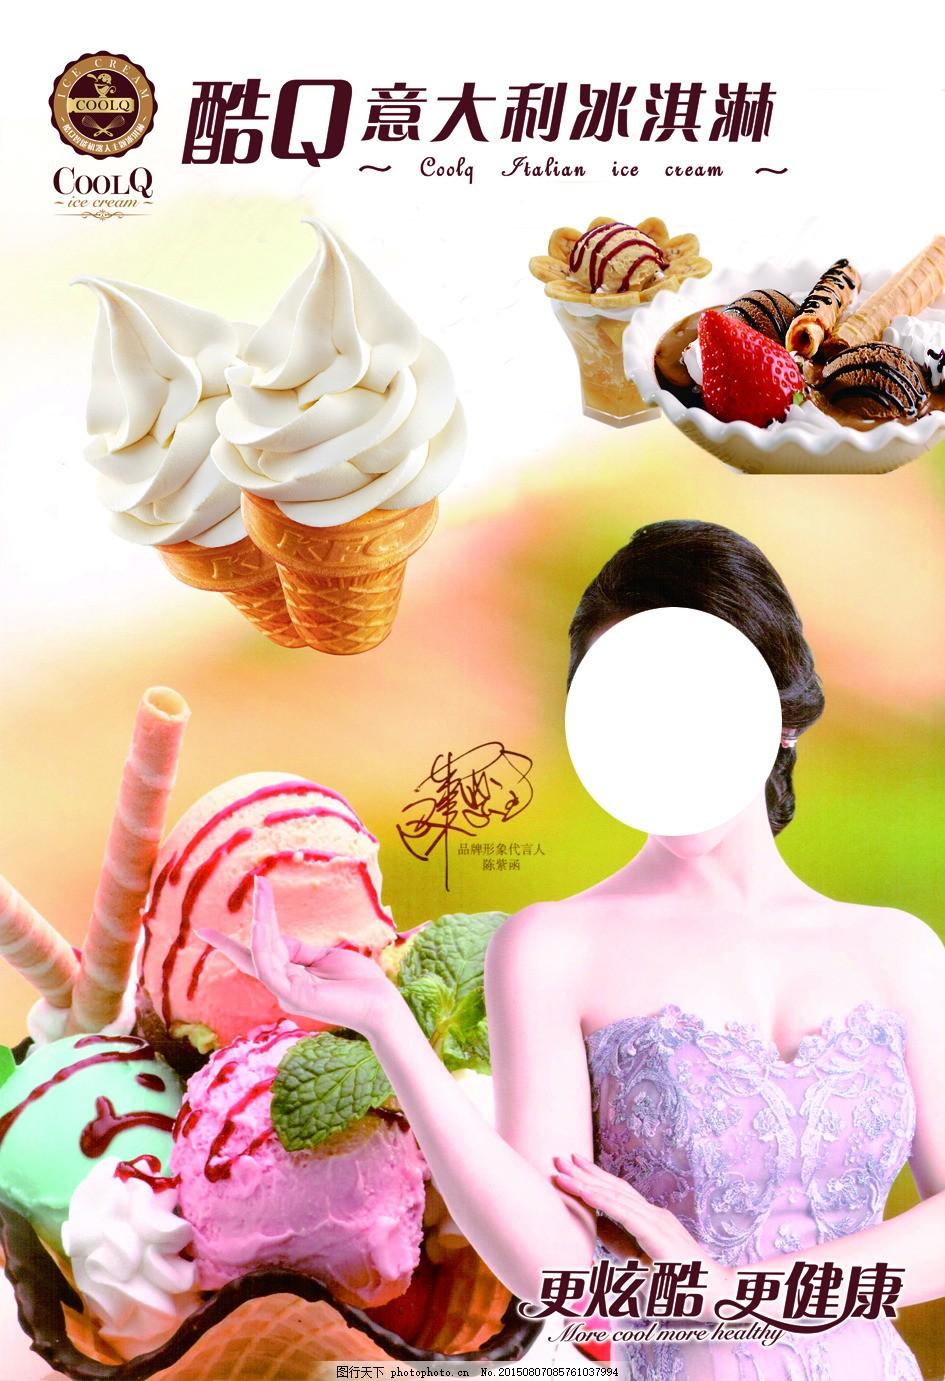 酷q冰淇淋海报 意大利冰淇淋 甜筒 夏天图片